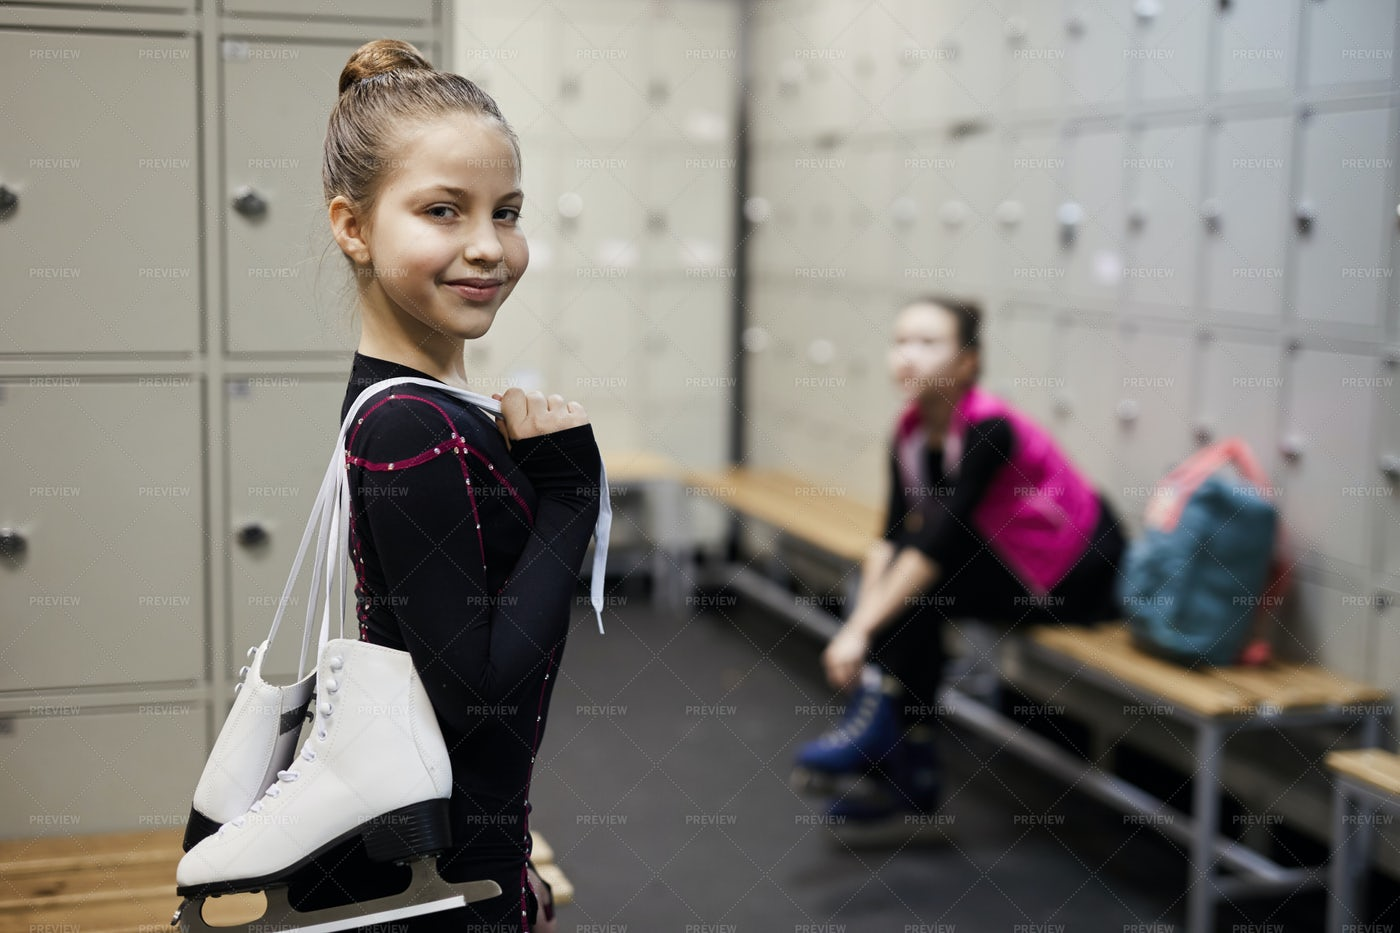 Little Figure Skater In Dressing...: Stock Photos